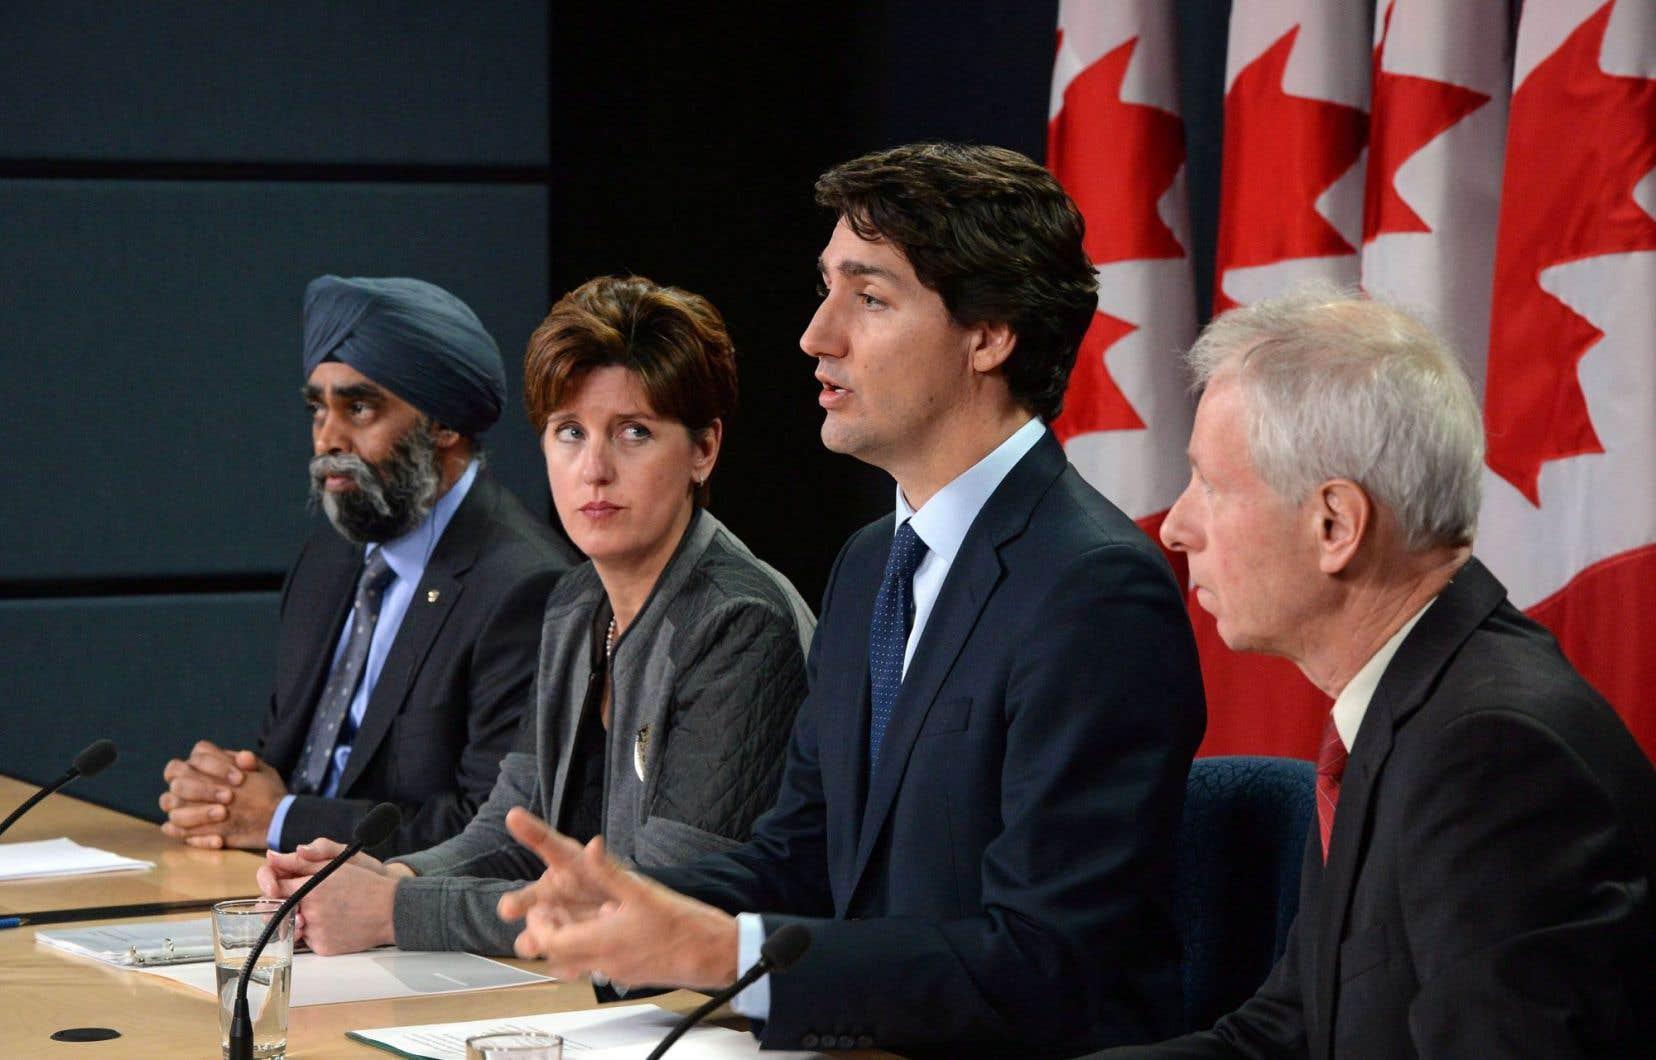 Le premier ministre Justin Trudeau, entouré du ministre de la Défense nationale, de la ministre du Développement international et de la Francophonie et du ministre des Affaires étrangères